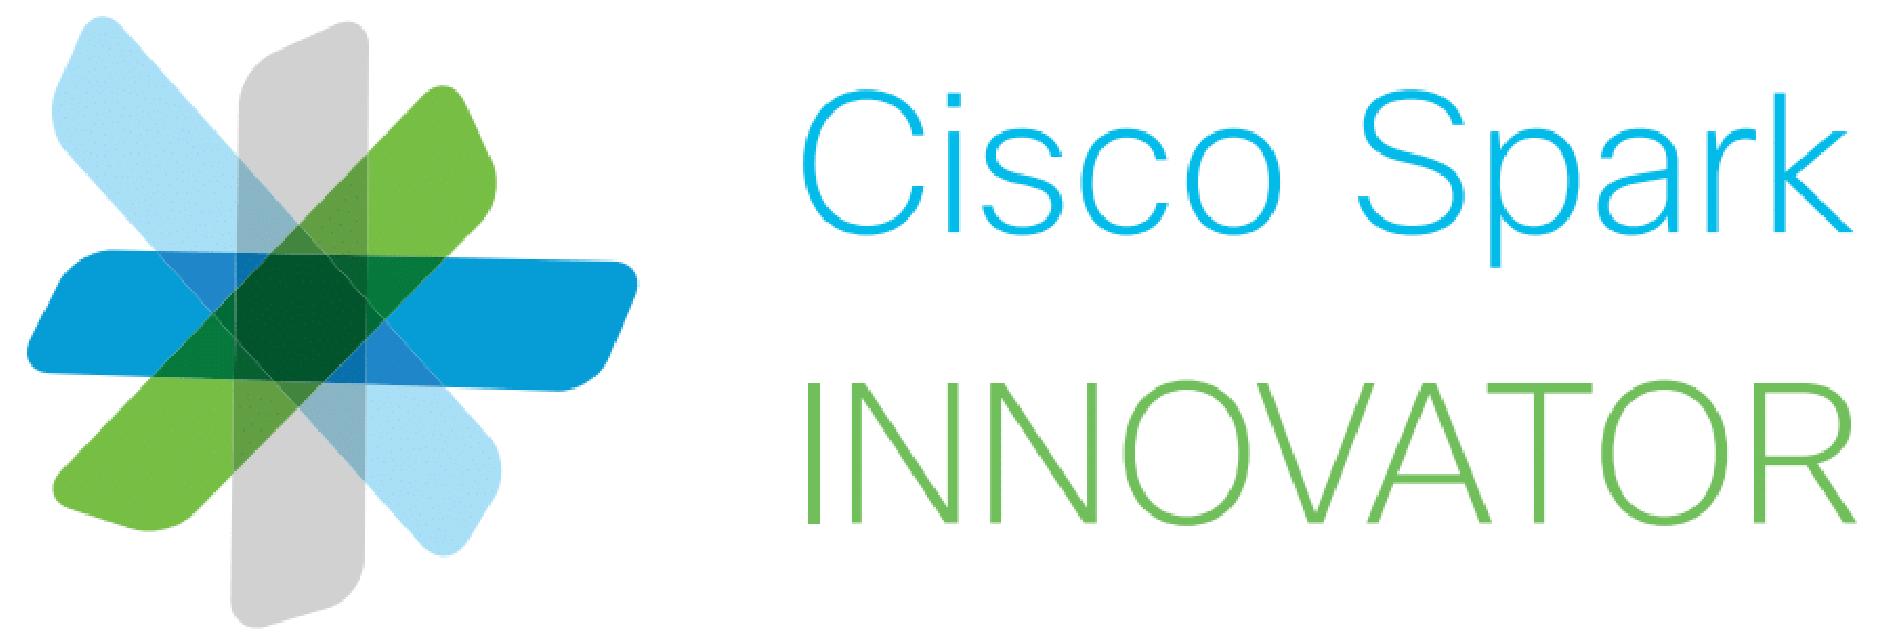 Cisco Spark Innovator